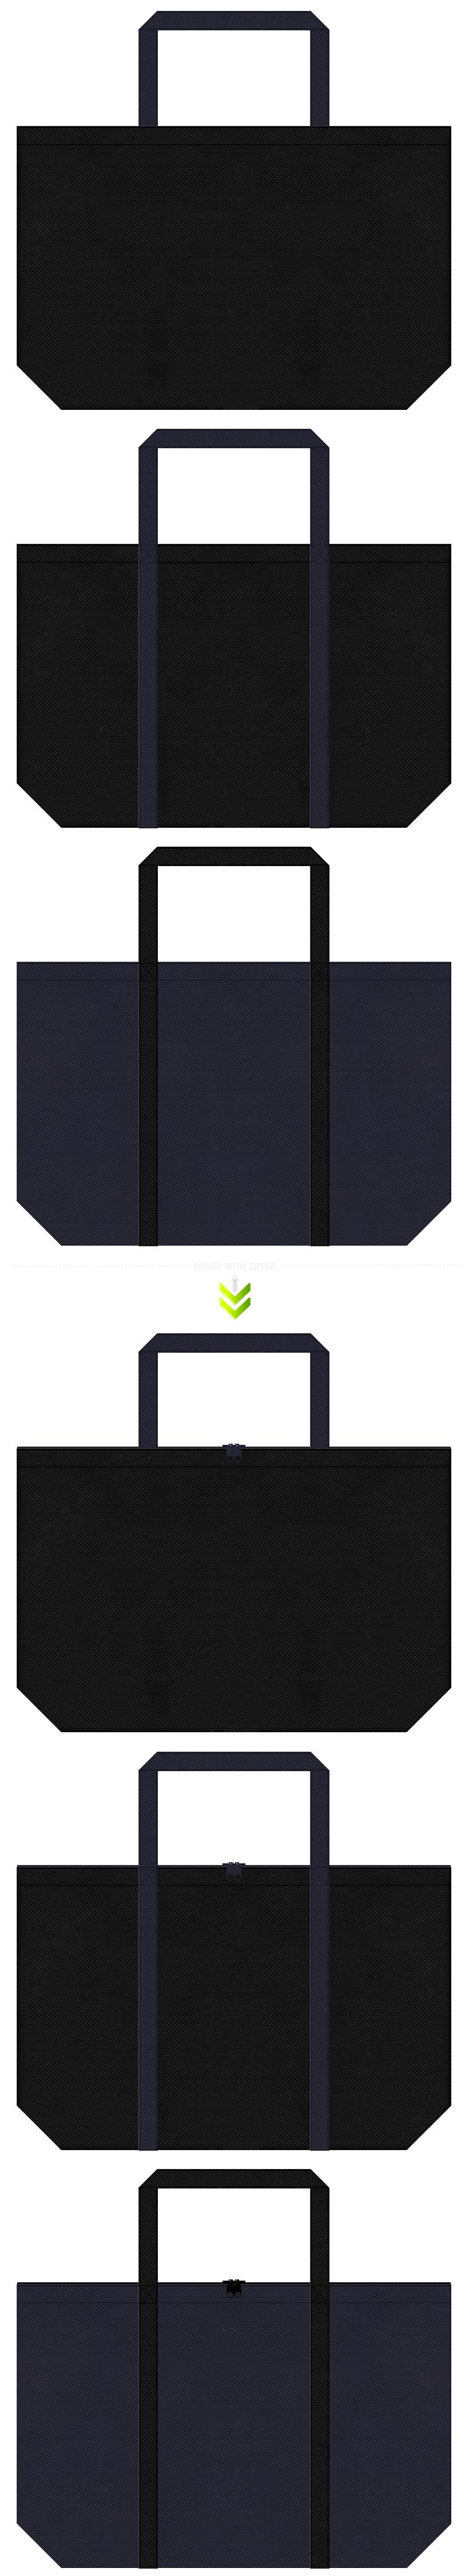 深海・闇夜・宇宙・地下・アクション・シューティング・対戦型格闘ゲーム・ミステリー・ホラー・ゲームイベント・ゲームのノベルティにお奨めの不織布バッグデザイン:黒色と濃紺色の不織布のデザイン